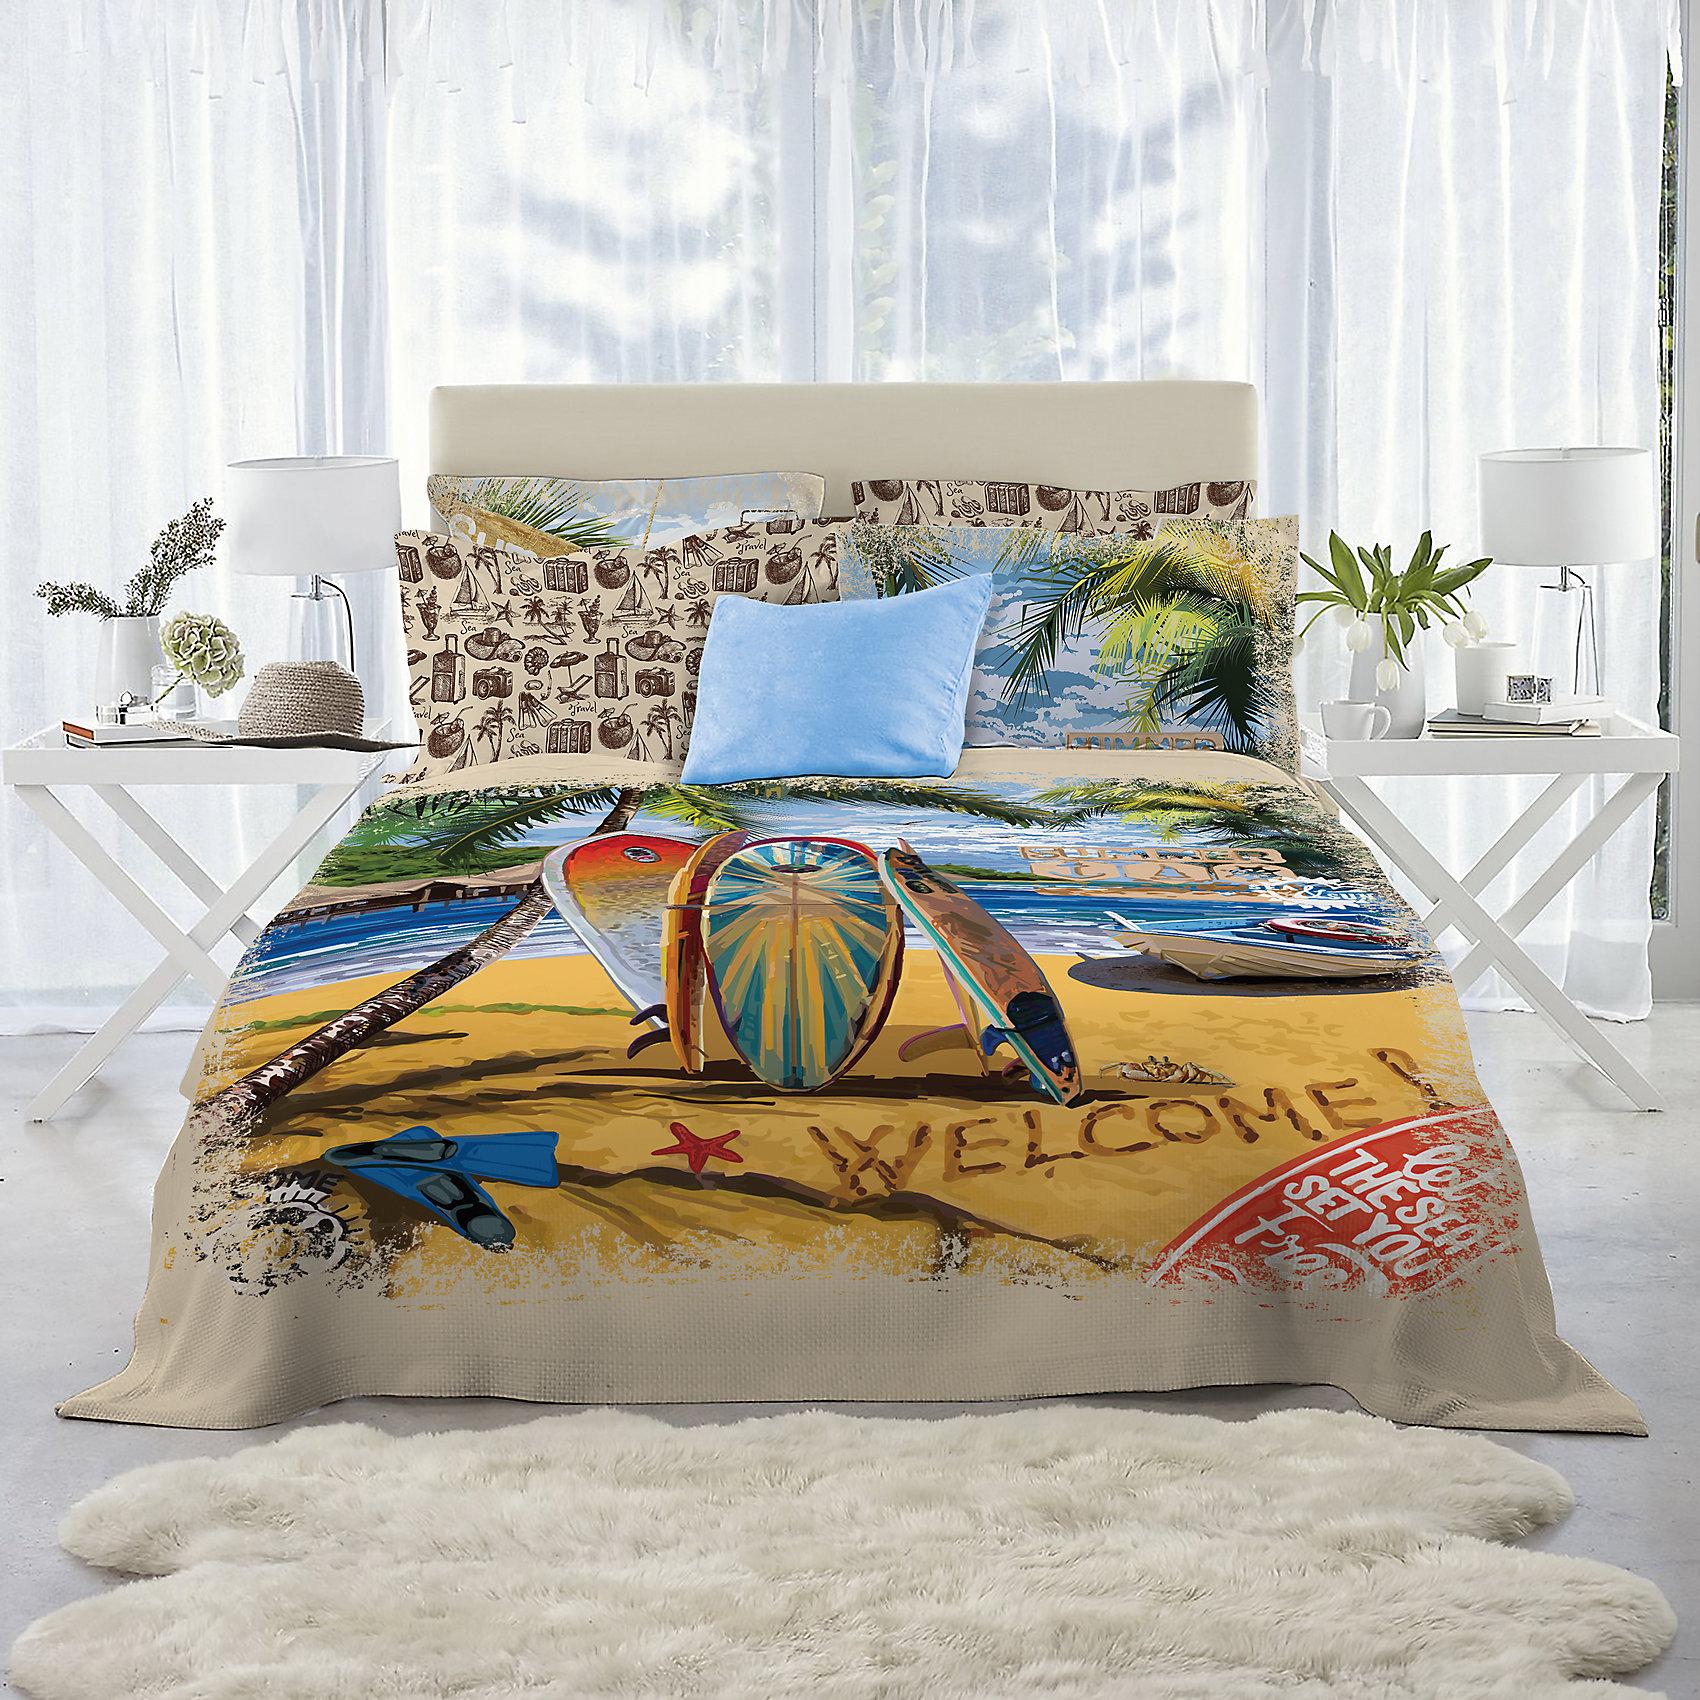 Постельное белье Surf 1,5 сп., Mona Liza, нав. 70*70Домашний текстиль<br>Постельное белье Surf 1,5 сп., Mona Liza (Мона Лиза), нав. 70*70<br><br>Характеристики:<br><br>• в комплекте: простынь, пододеяльник, 2 наволочки<br>• материал: бязь 135 г/м2<br>• состав: 100% хлопок<br>• размер пододеяльника: 145х210 см<br>• размер простыни: 150х215 см<br>• размер наволочек: 70х70; 50х70 см<br>• размер упаковки: 37х7х29 см<br>• вес: 1400 грамм<br><br>Комплект изготовлен из высококачественной бязи, гипоаллергенной и износостойкой. Бязь подарит вам комфортные ощущения, позволяя коже дышать и отводя лишнюю влагу. Гипоаллергенность материала будет огромным плюсом для людей с чувствительной кожей. После стирки белье не теряет яркость цвета и не уседает в размере.<br><br>Постельное белье Surf 1,5 сп., Mona Liza (Мона Лиза), нав. 70*70 можно купить в нашем интернет-магазине.<br><br>Ширина мм: 290<br>Глубина мм: 70<br>Высота мм: 370<br>Вес г: 1400<br>Возраст от месяцев: 144<br>Возраст до месяцев: 600<br>Пол: Унисекс<br>Возраст: Детский<br>SKU: 6760514